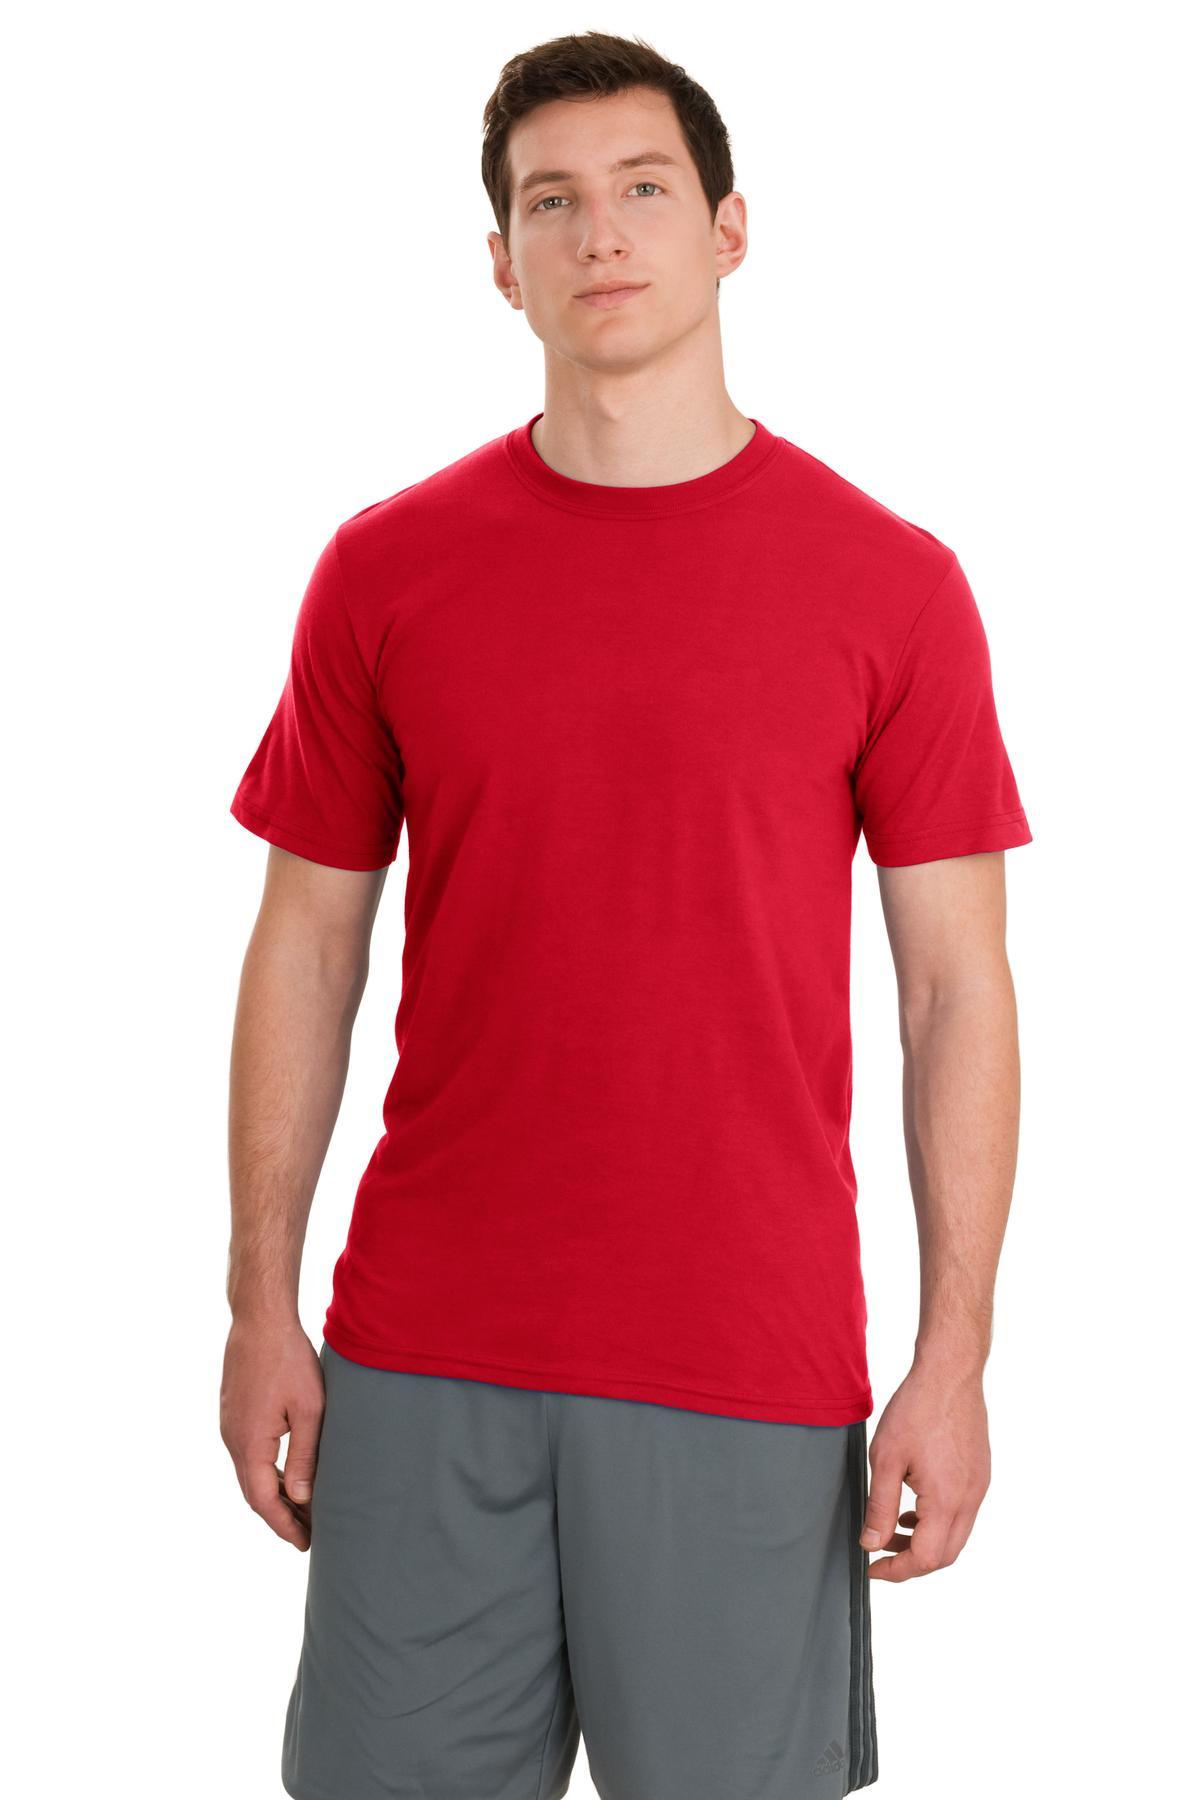 8013436a28bb JERZEES 21M - Sport 100% Polyester T-Shirt - Men s T-Shirts